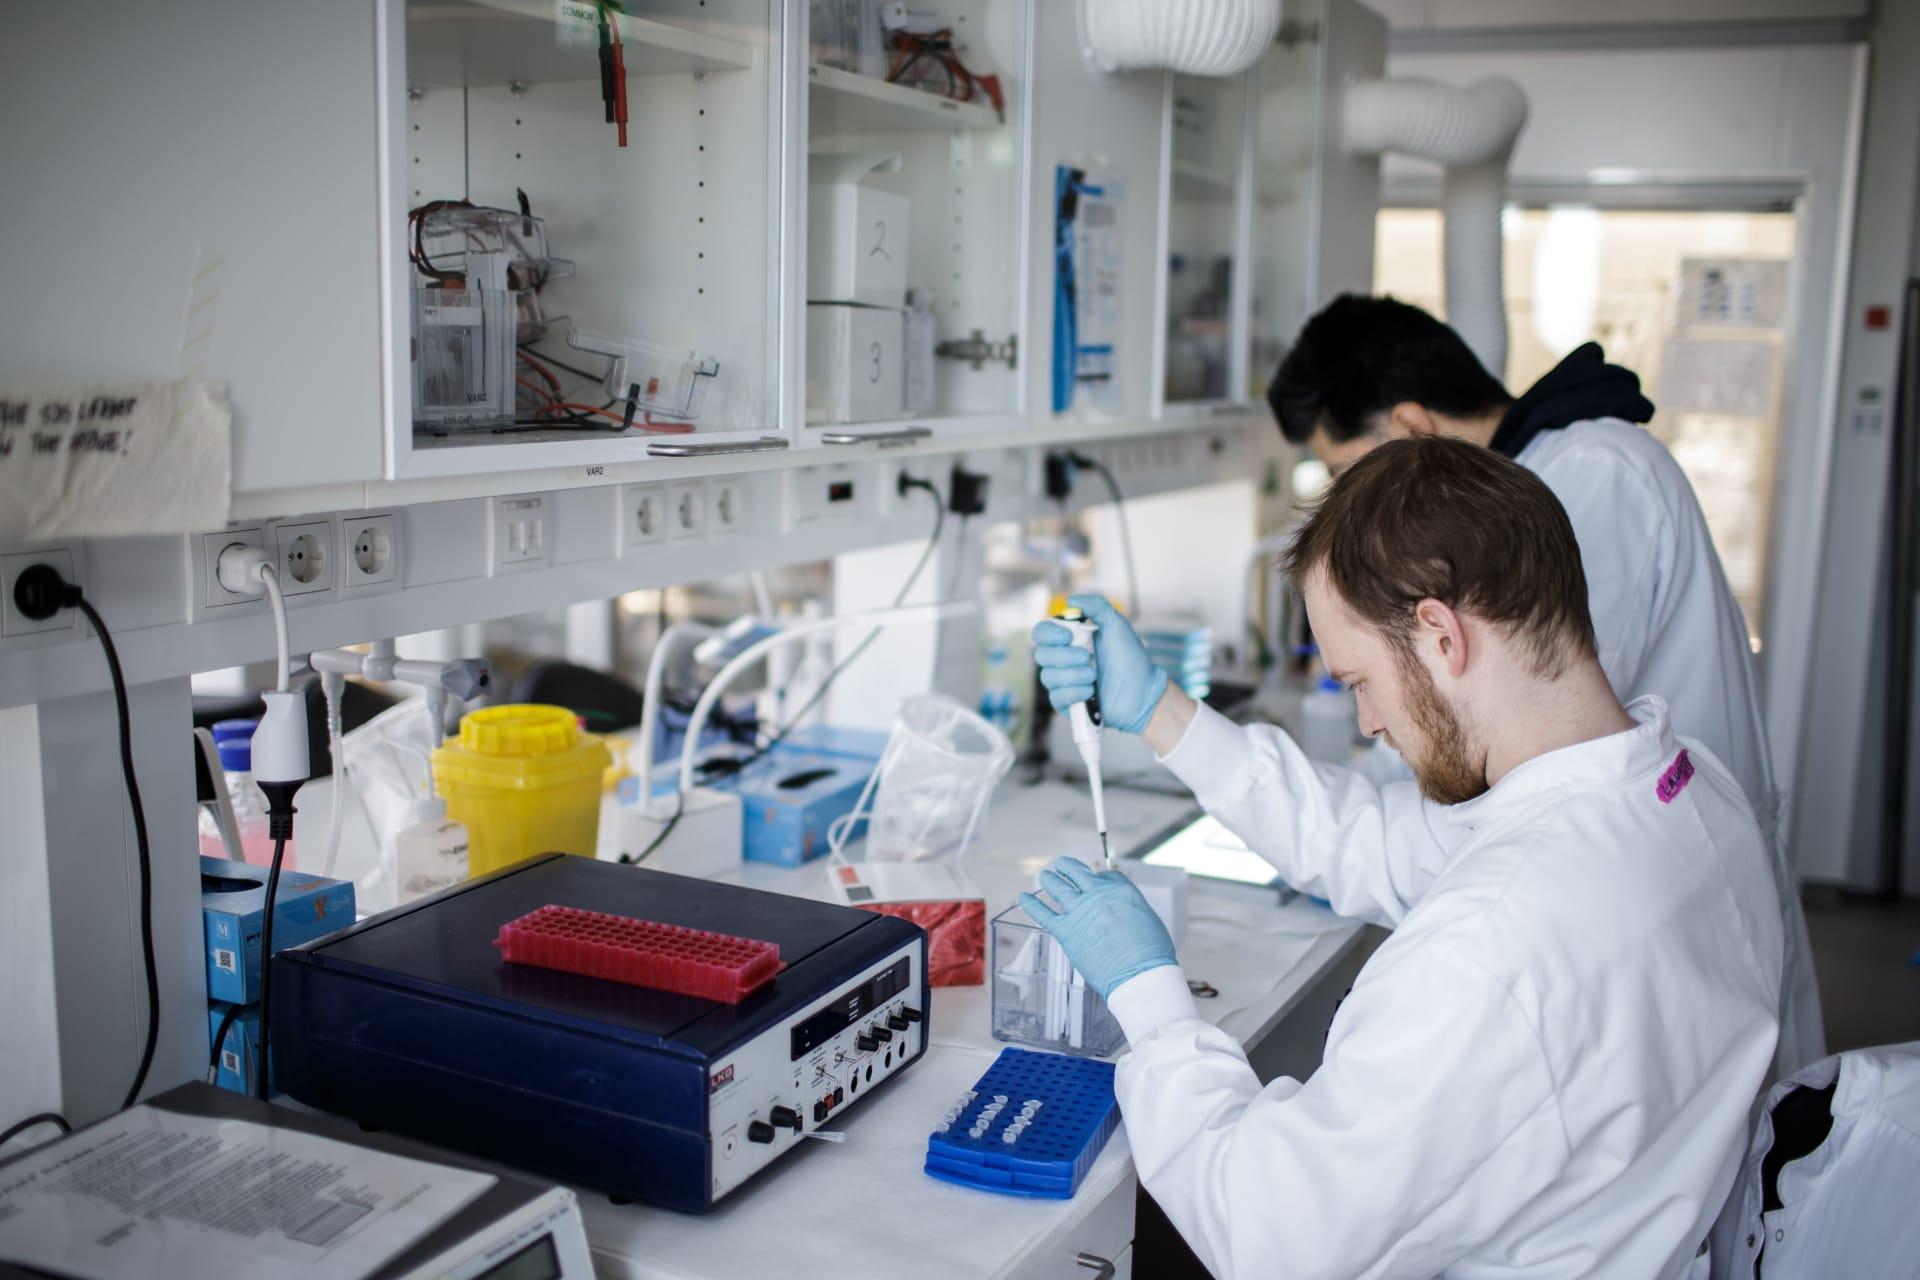 ماذا يحدث إذا لم يتم تطوير لقاح لفيروس كورونا؟ لقد حدث ذلك من قبل